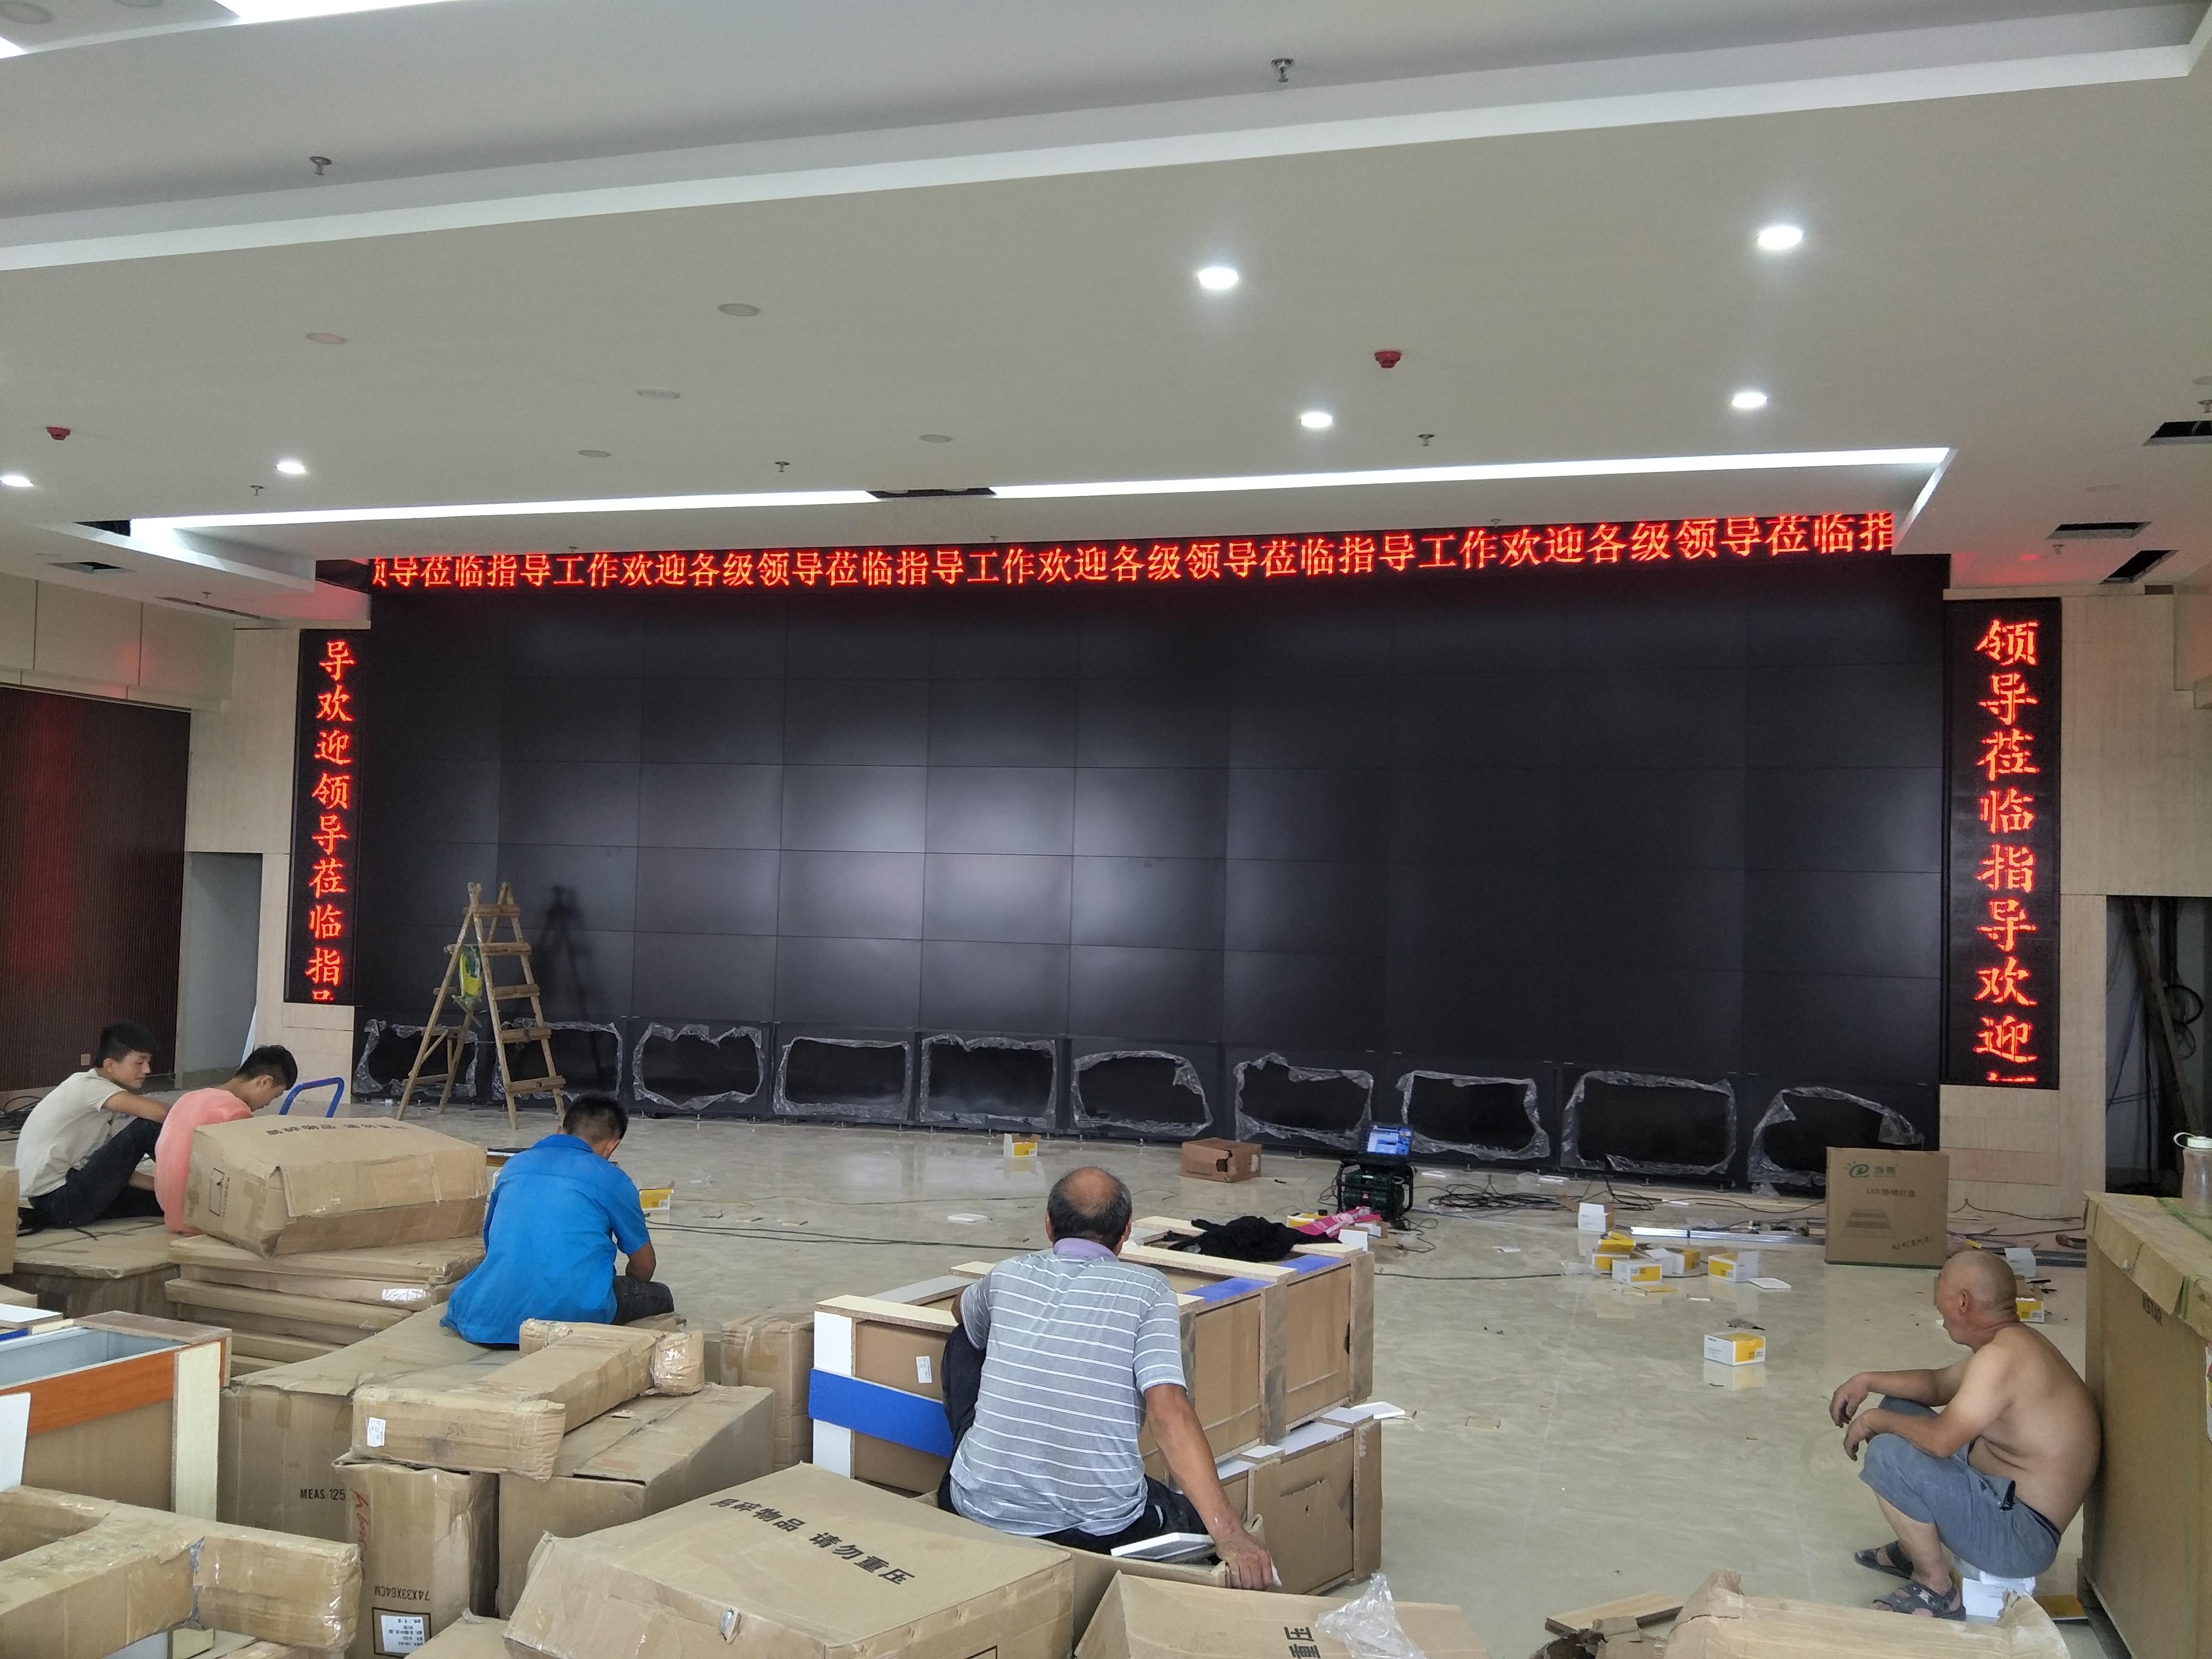 山东LED室内屏厂家室内专用F3.75/P4.75屏批发价济宁LED室内屏 LED室内单双色显示屏